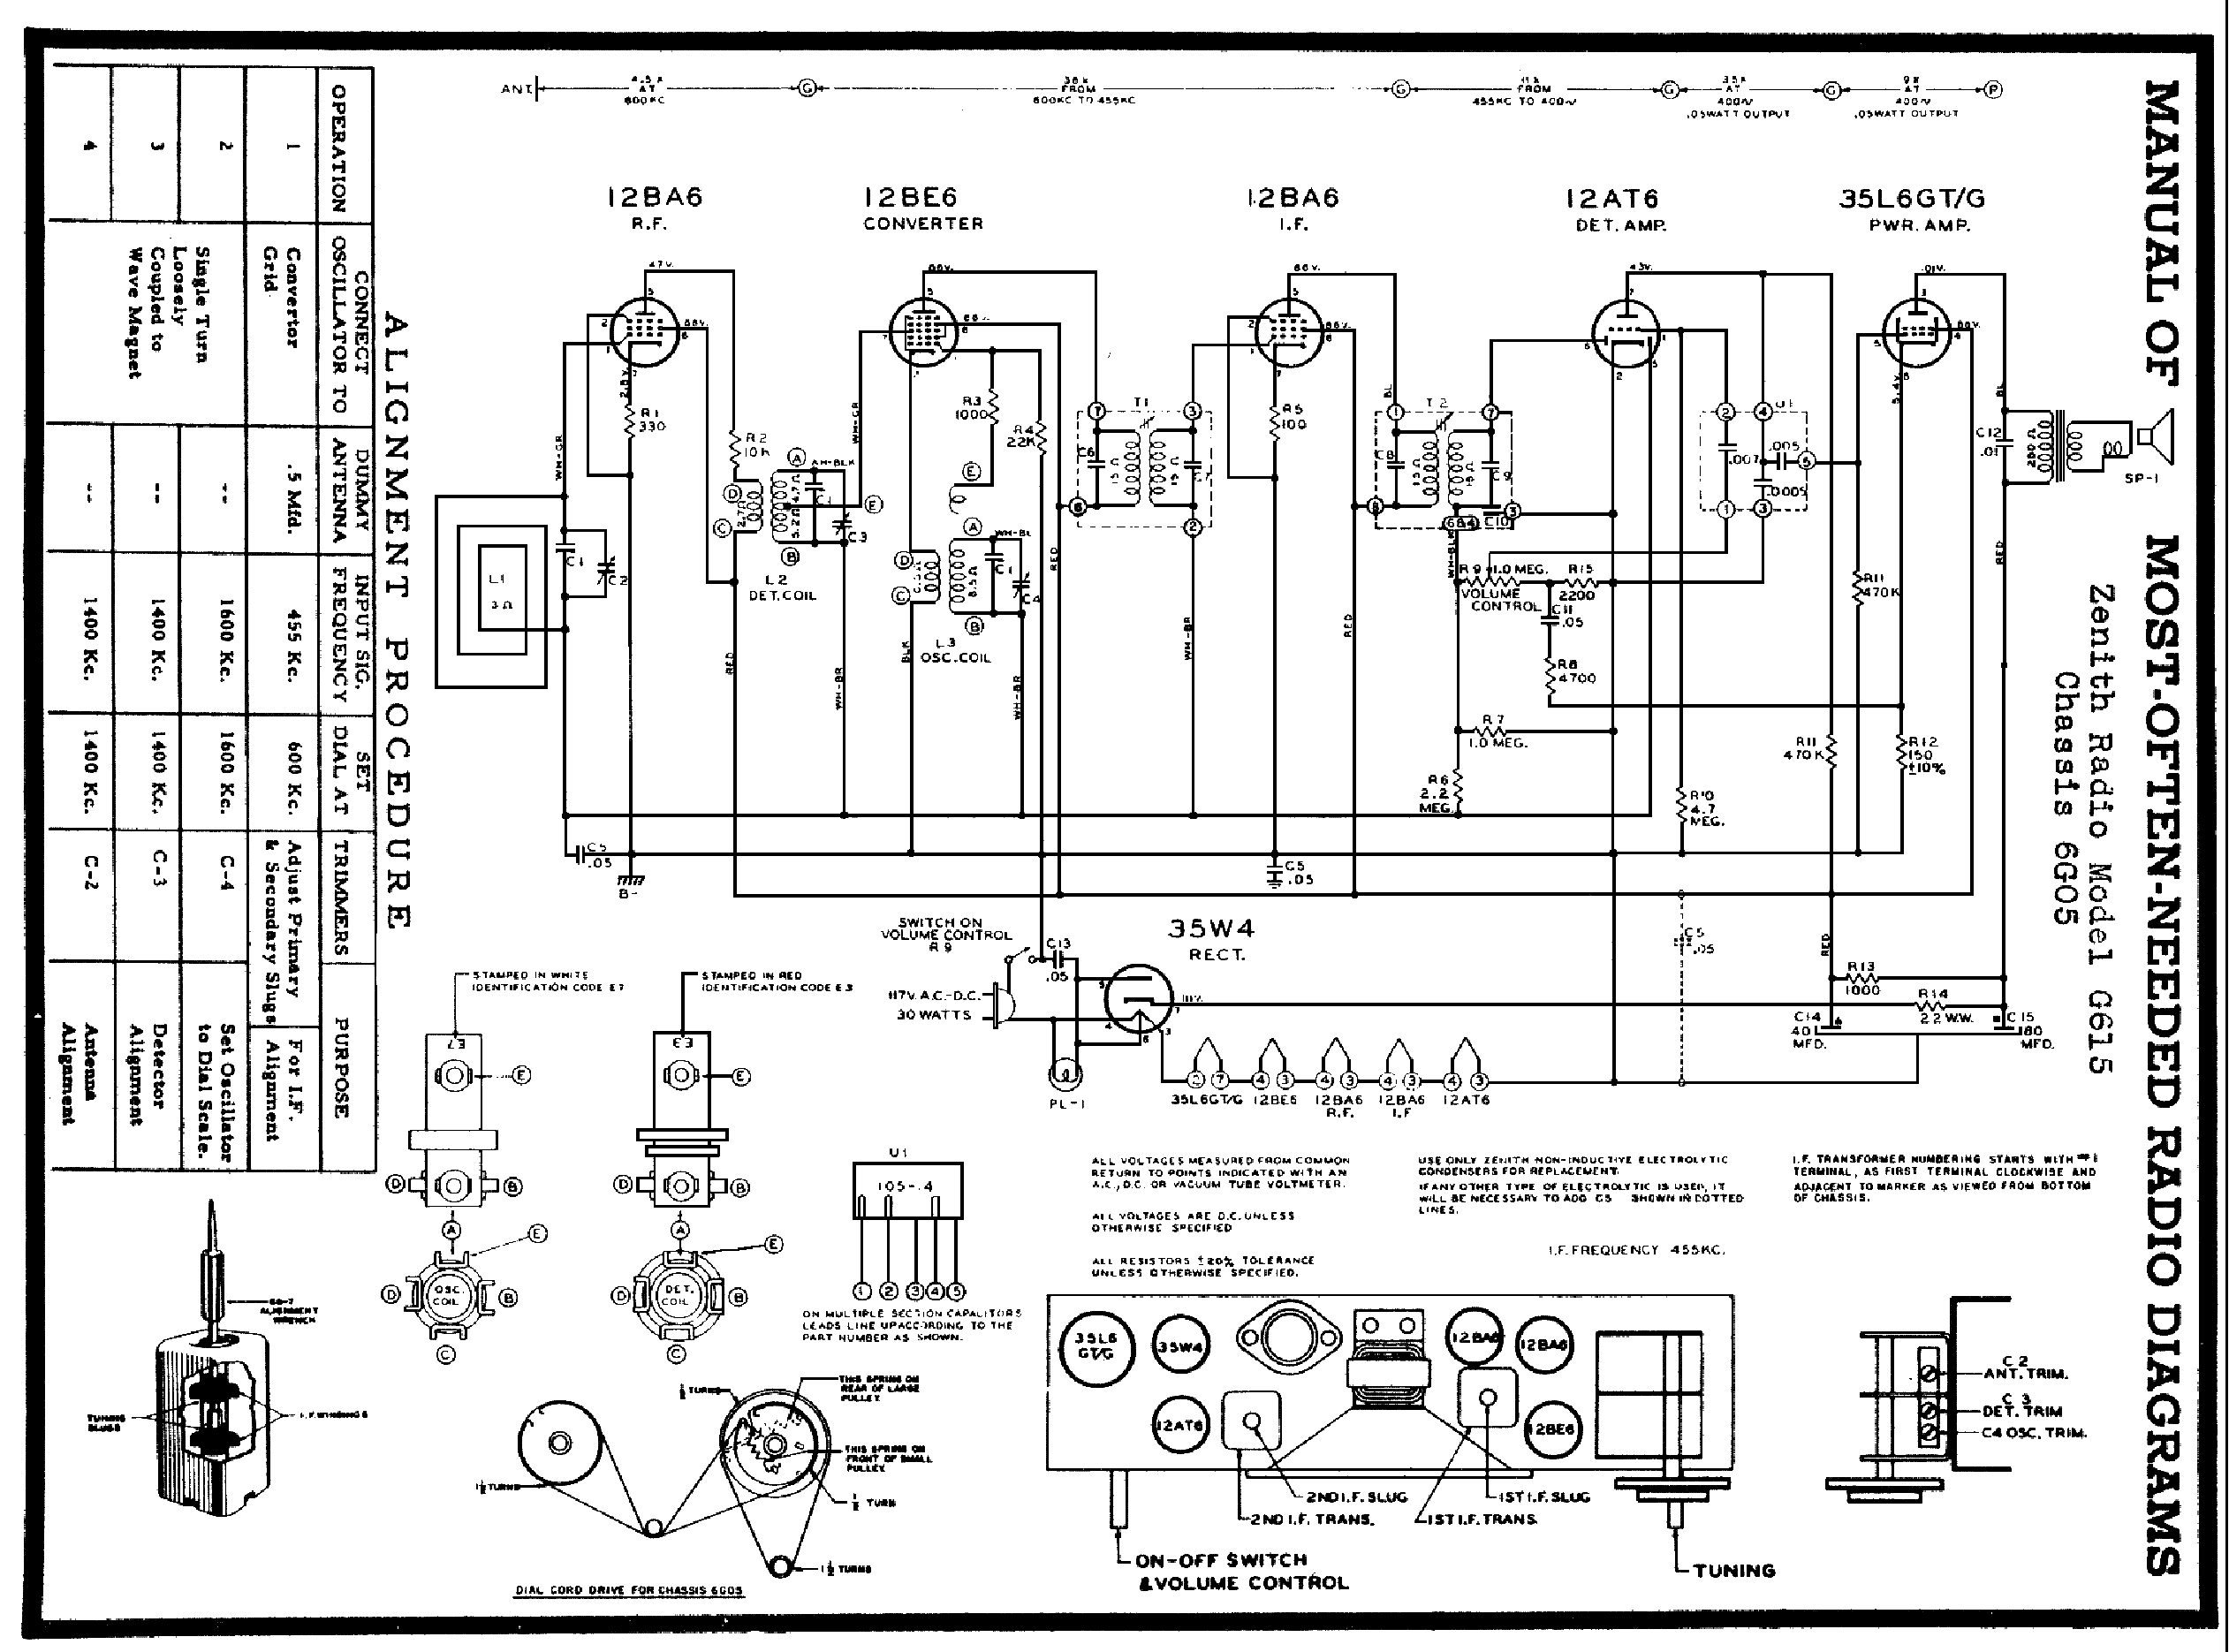 Nema 6 20R Wiring Diagram from schematron.org